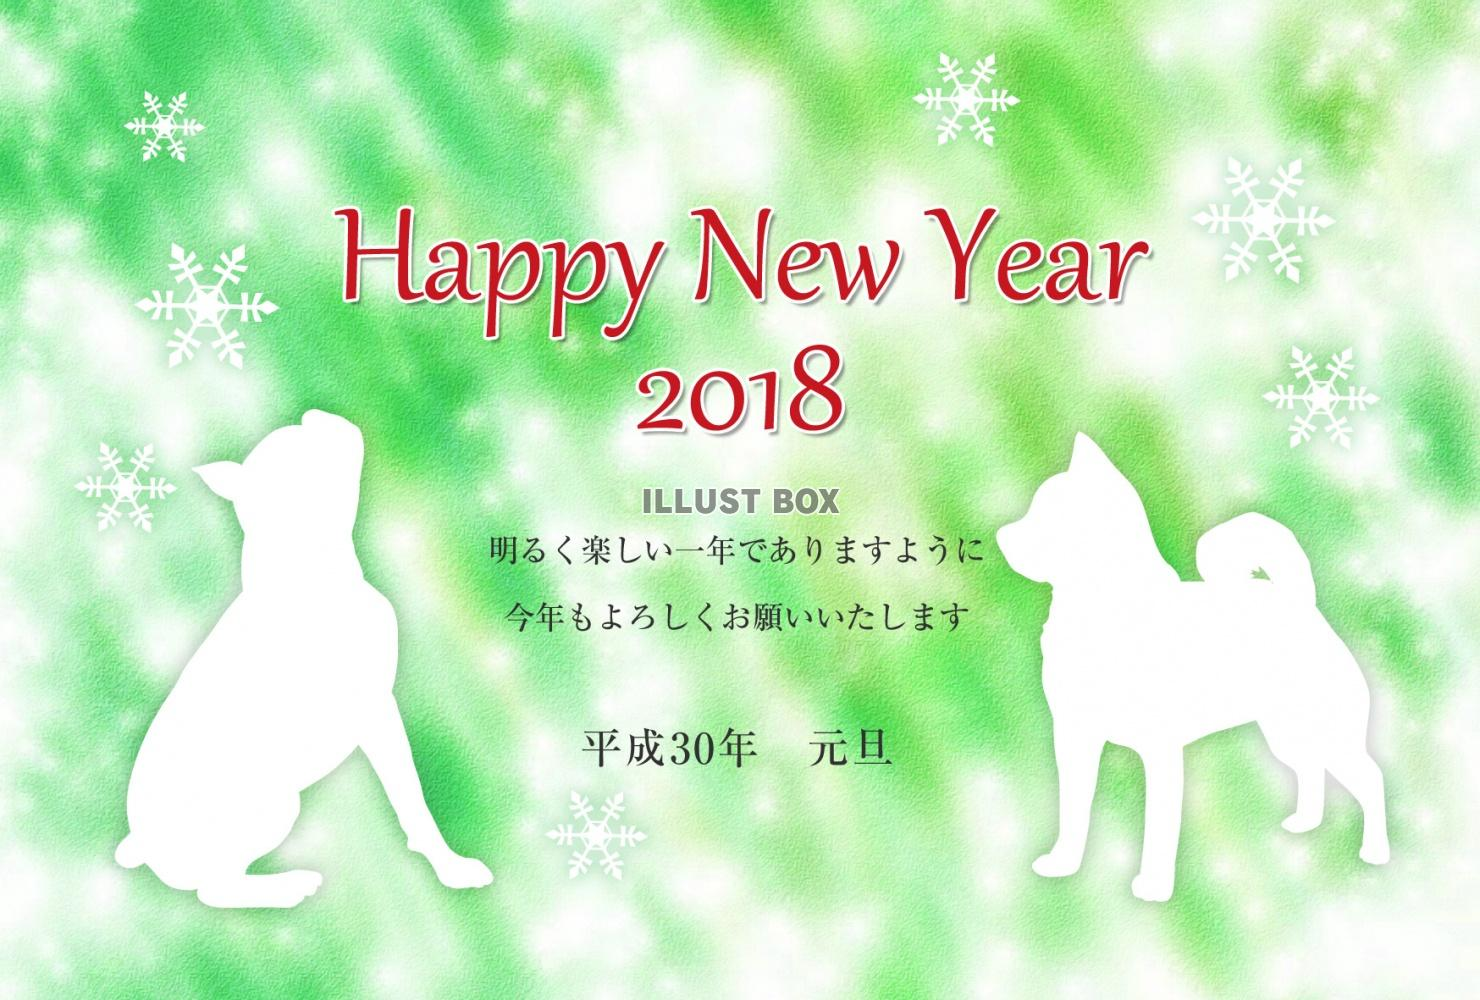 無料イラスト 2018年 戌年の年賀状 【雪の結晶とシルエット】02